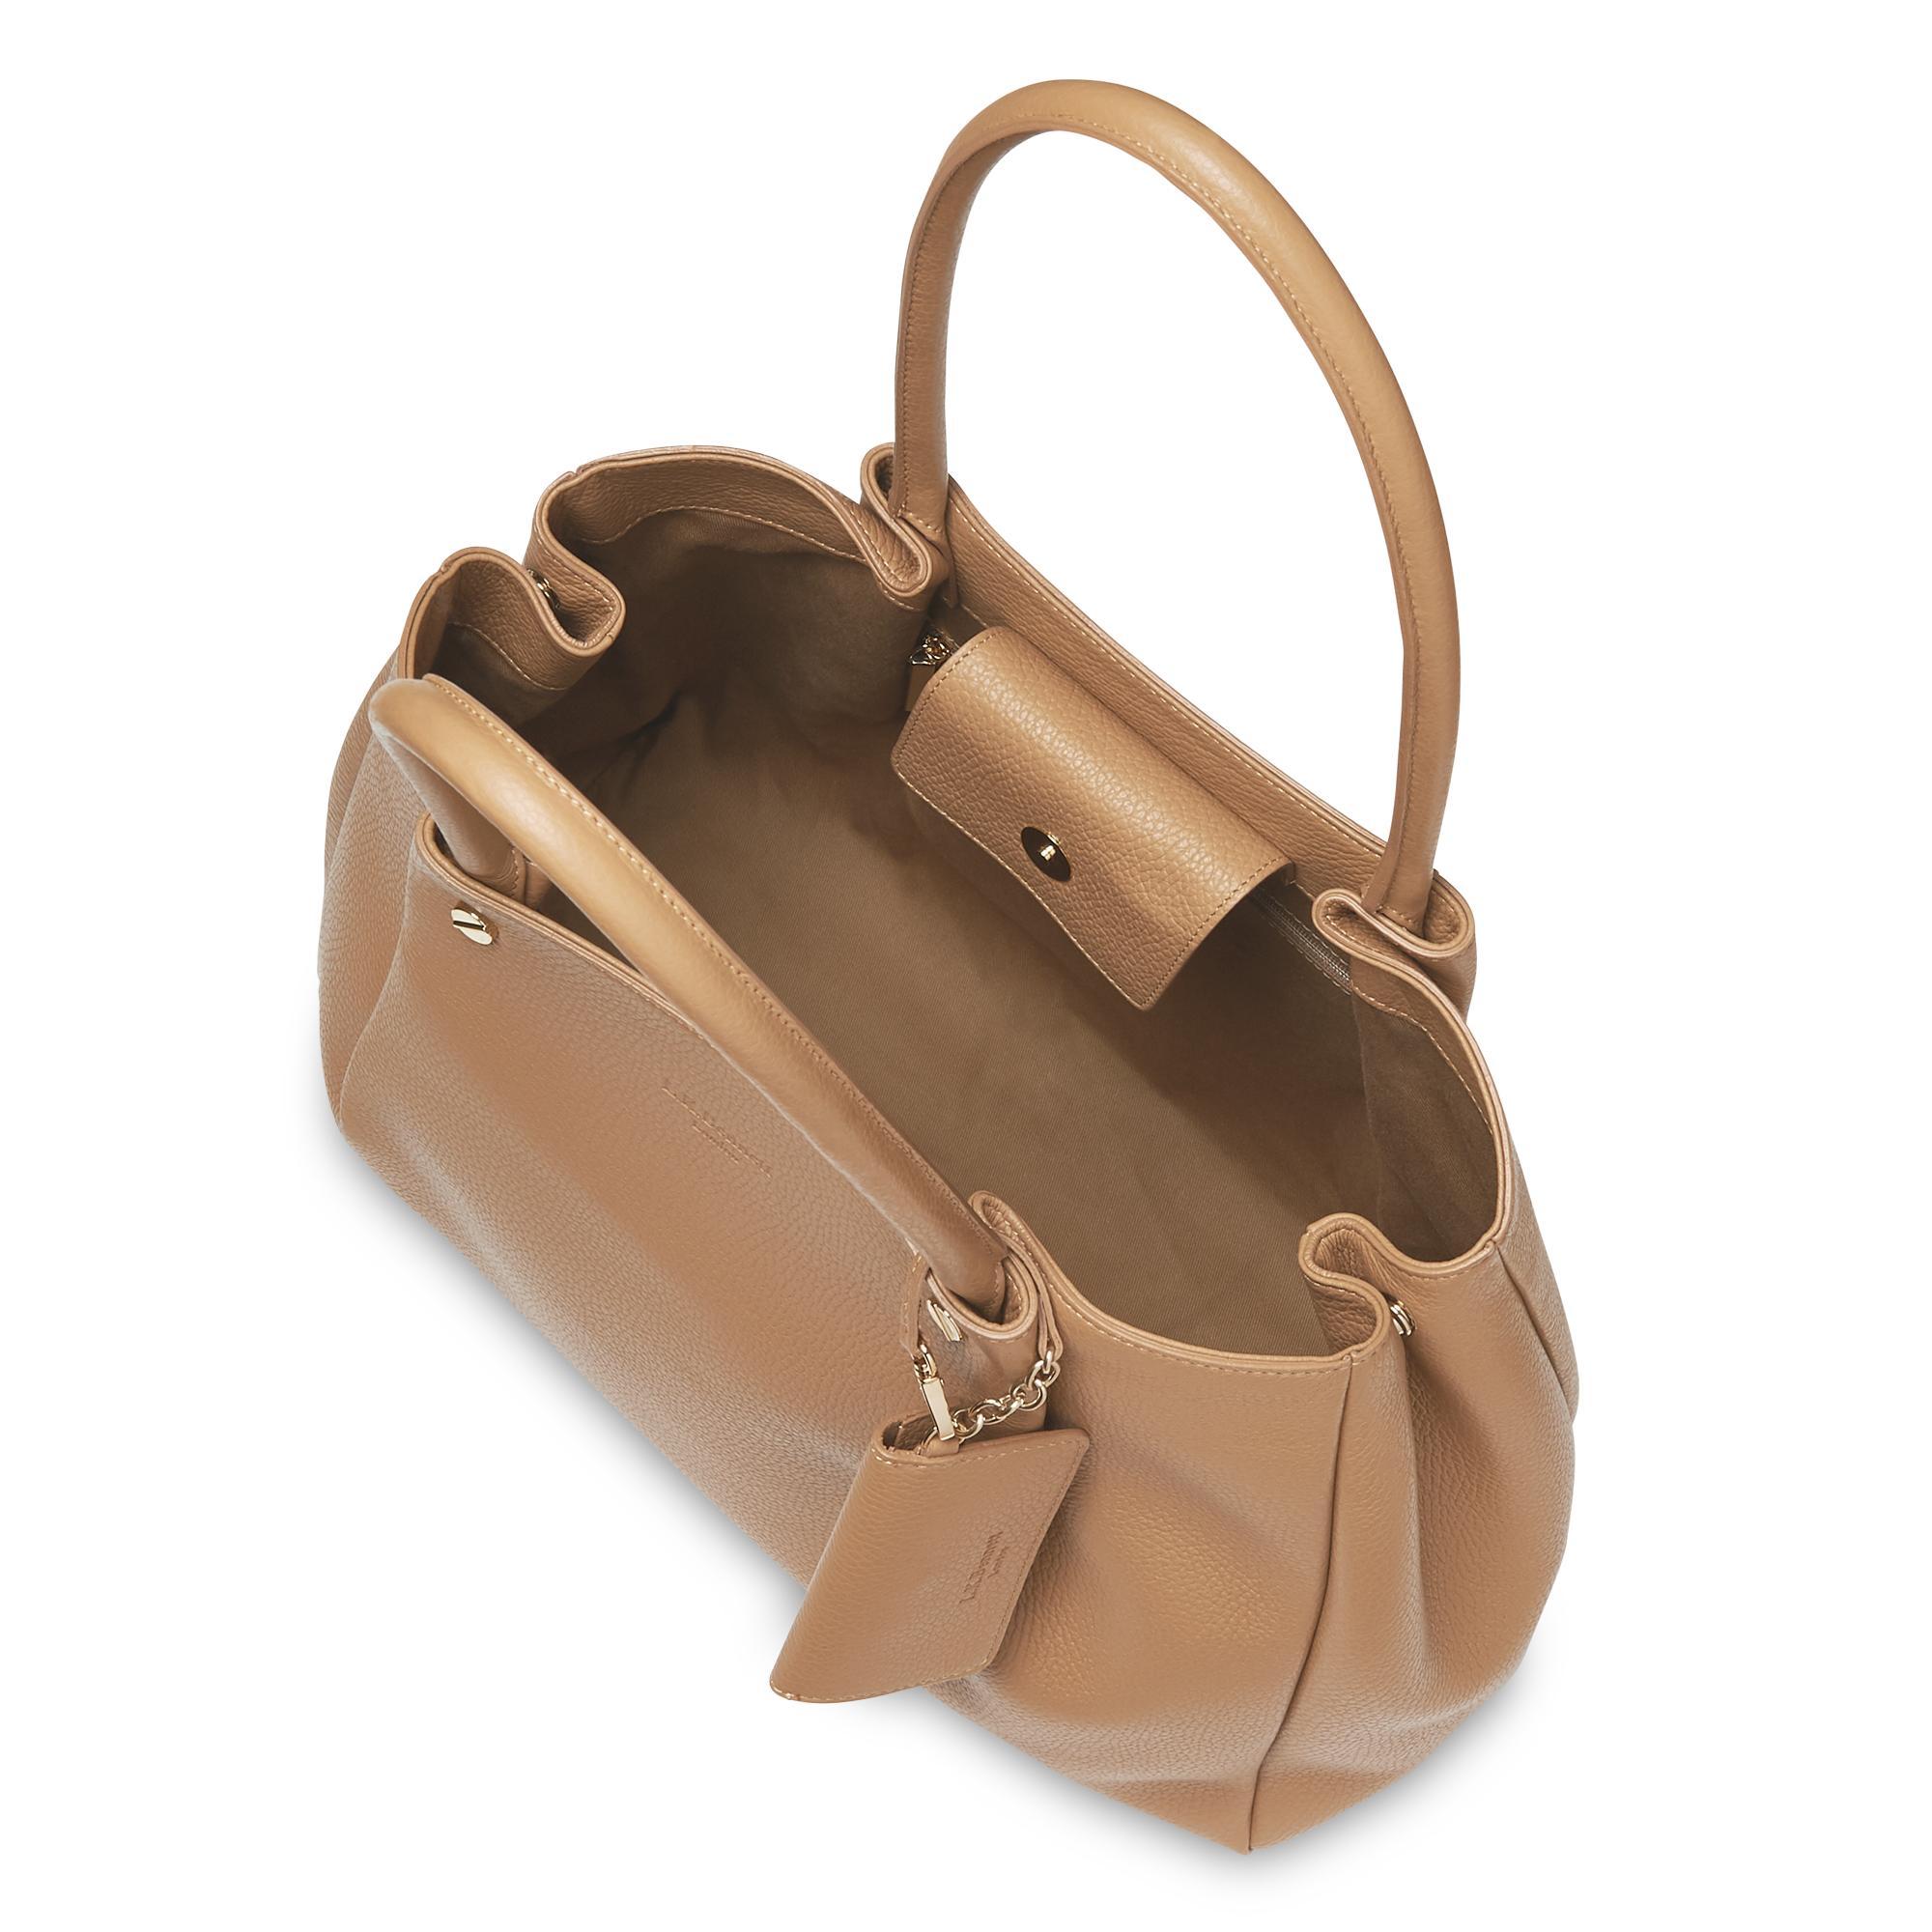 2f95d85cdf4 Regan Tan Leather Tote Bag